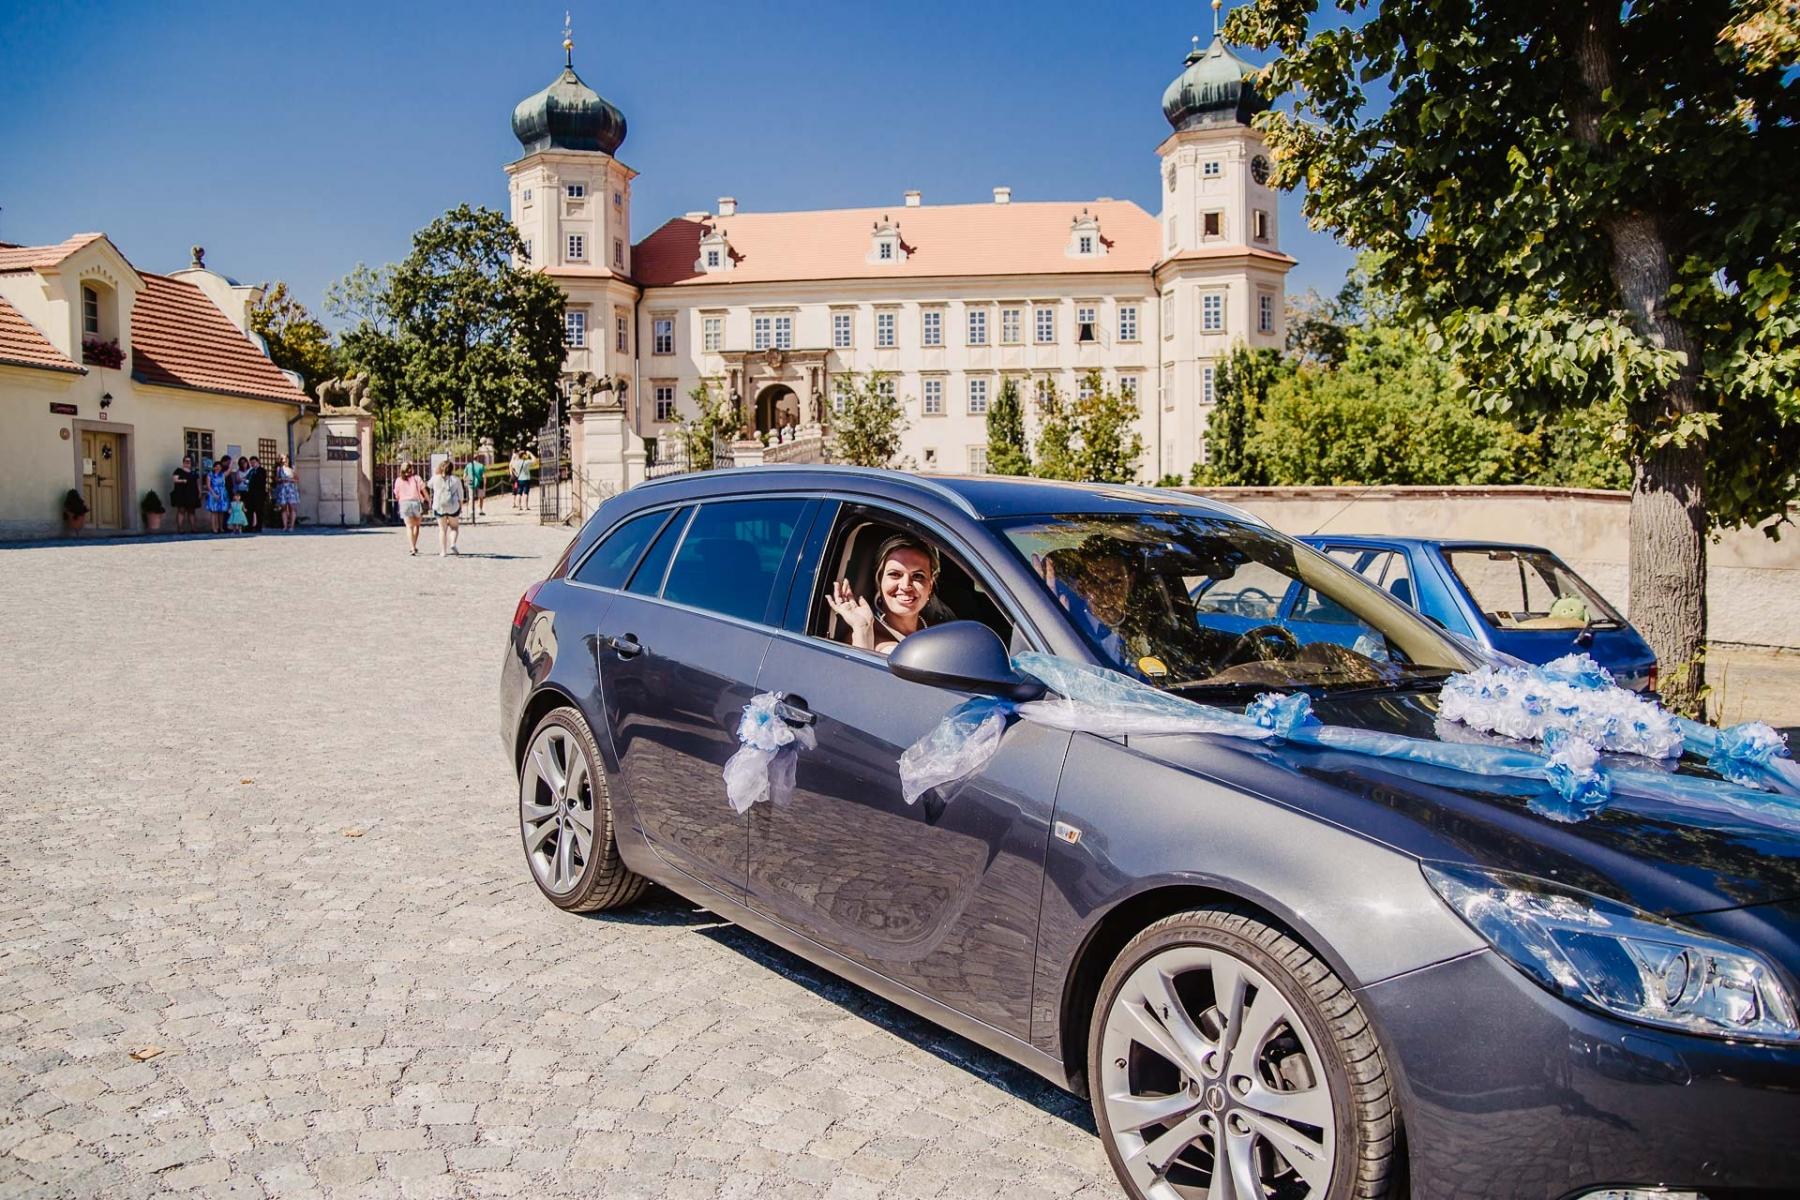 svatební fotograf zámek Mníšek pod Brdy, svatba na zámku, letní nejkrásnější zámecká svatba, Bára a Ondra-105